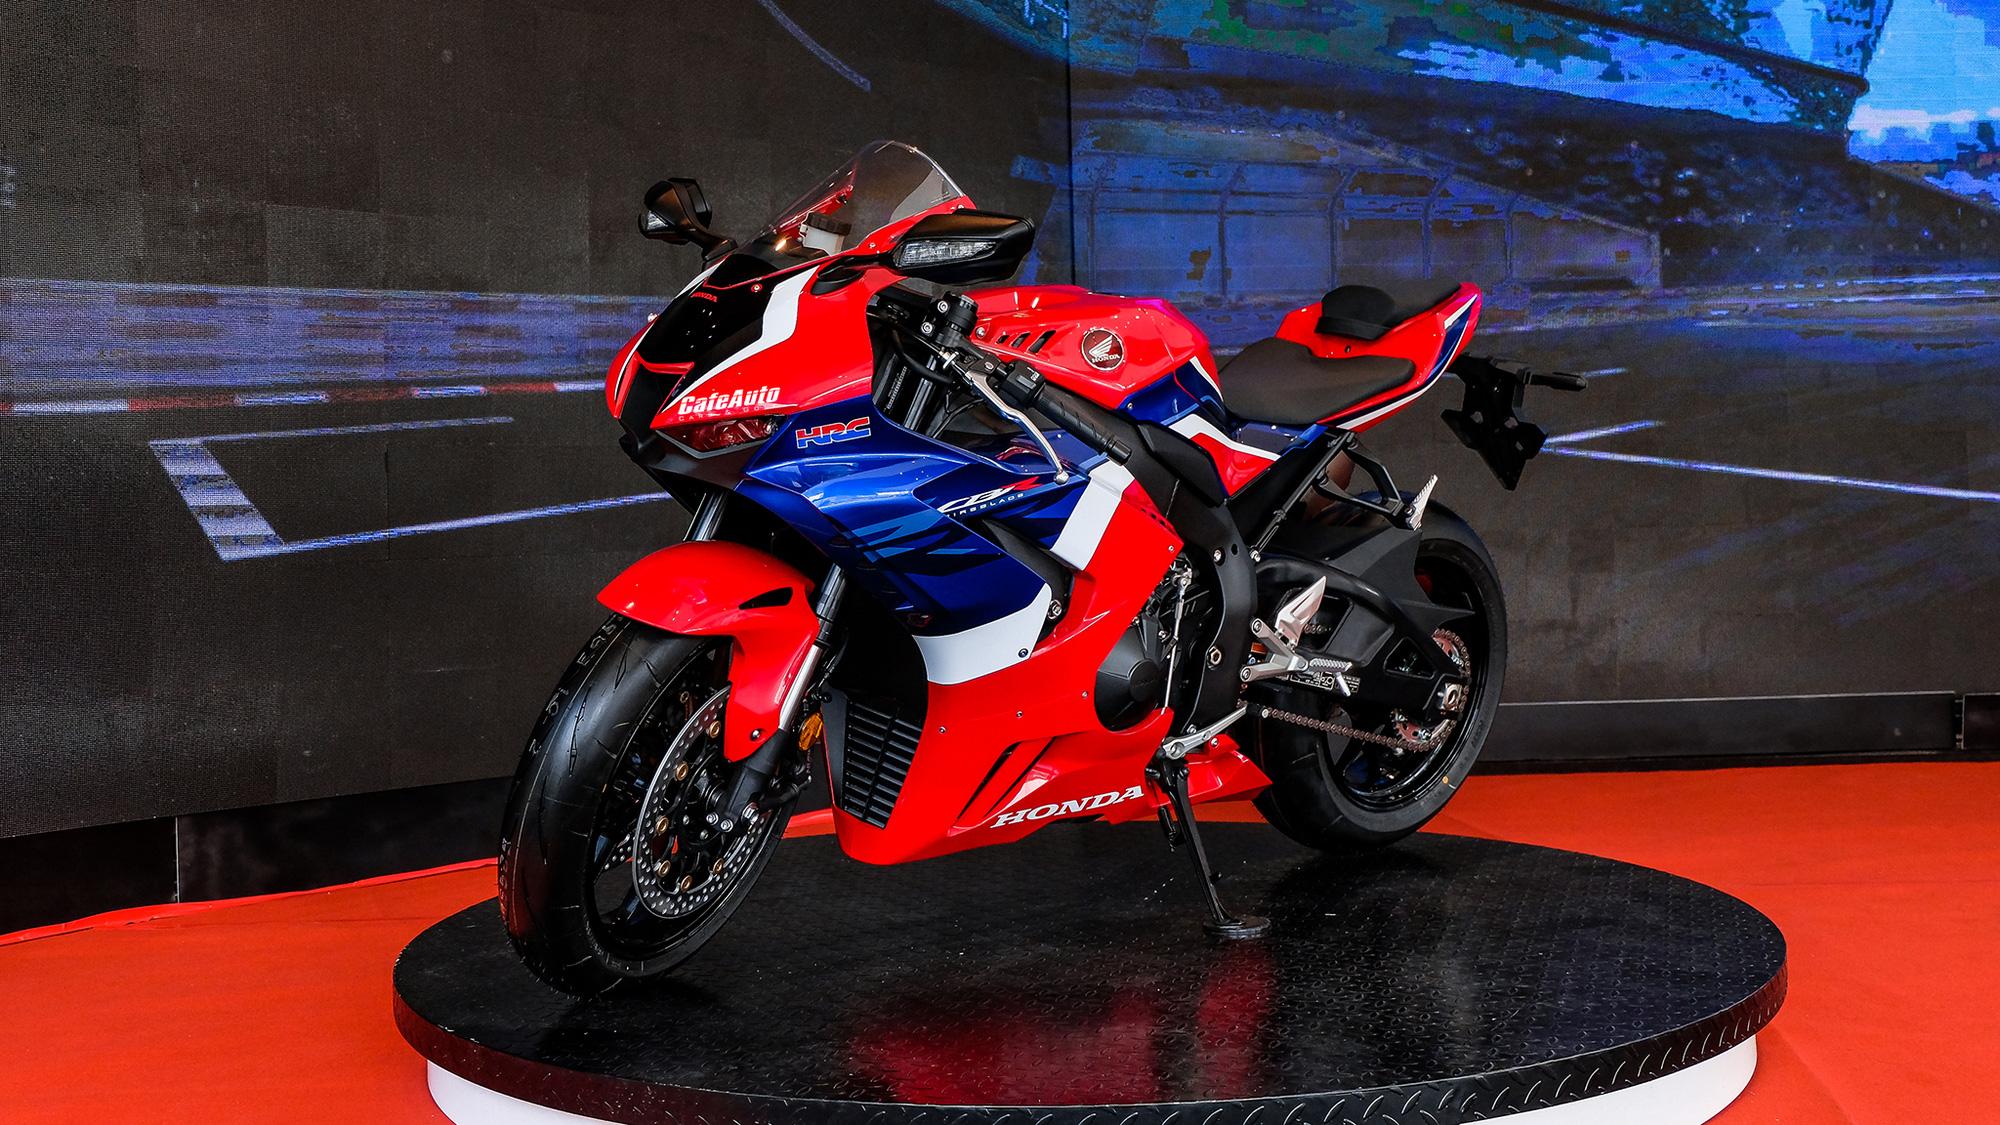 Chiếc xe máy giá 1 tỉ đồng của Honda tại Việt Nam bị triệu hồi khẩn cấp vì lỗi nghiêm trọng - Ảnh 3.